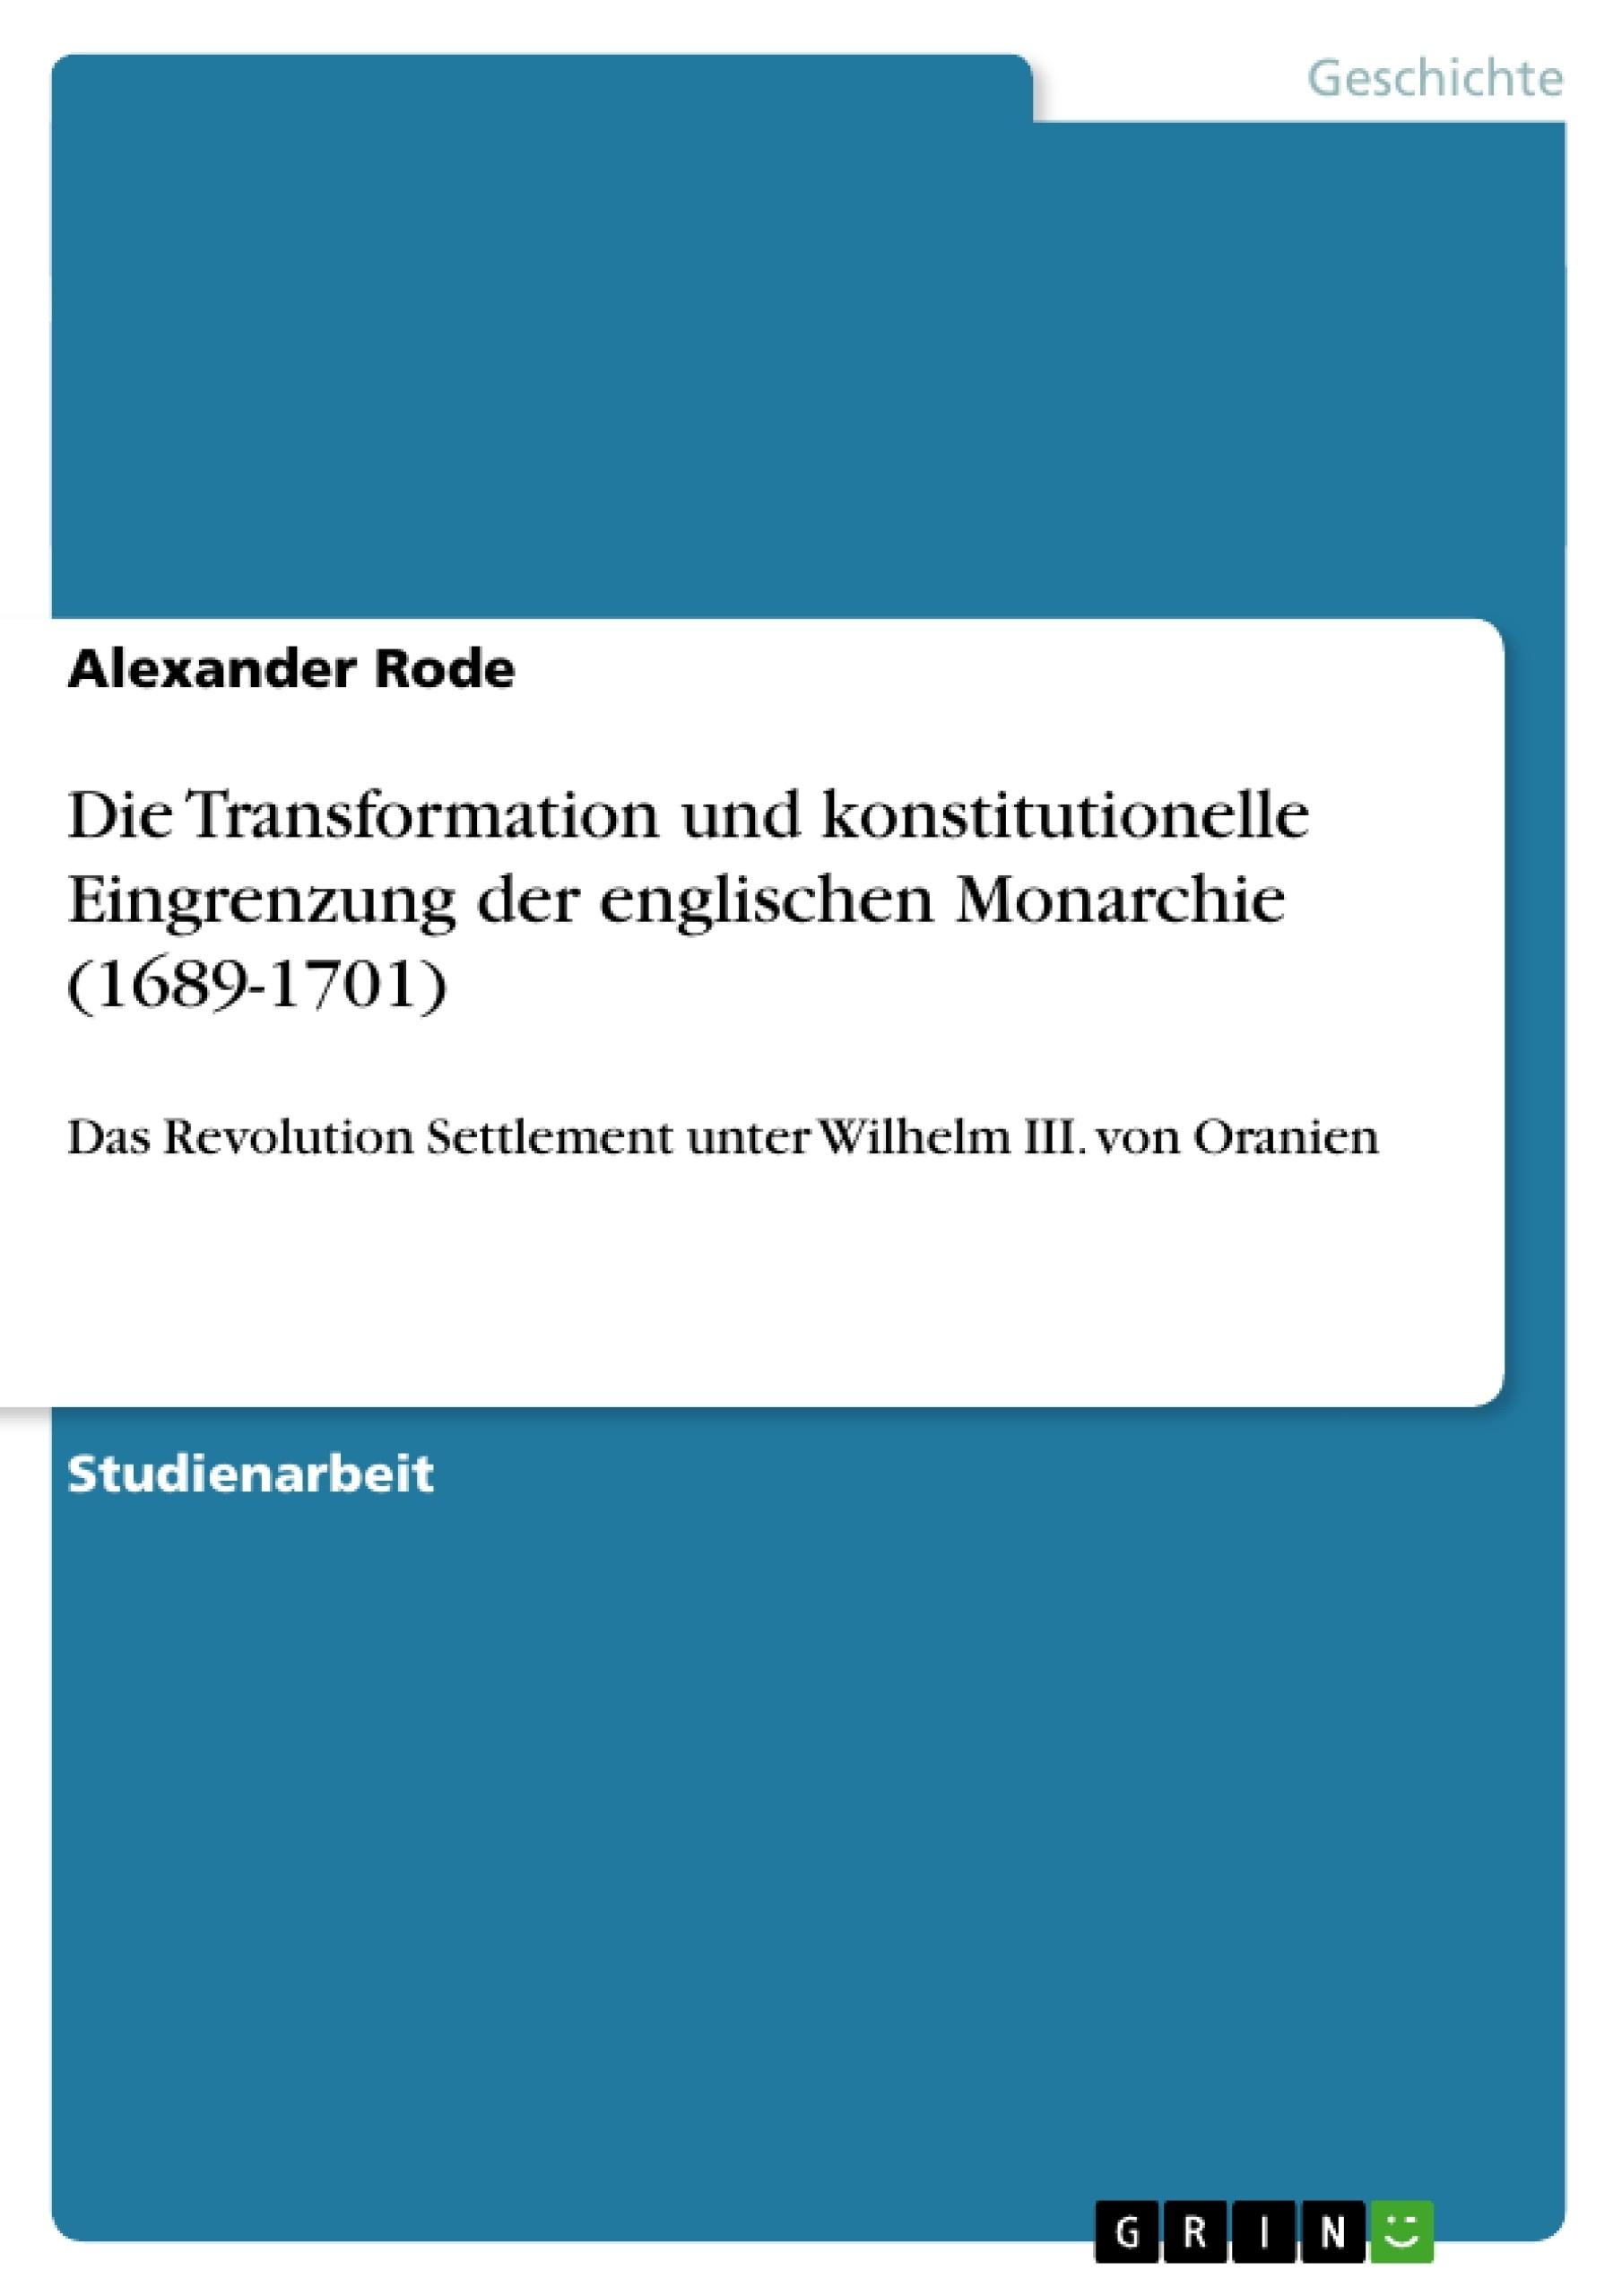 Titel: Die Transformation und konstitutionelle Eingrenzung der englischen Monarchie (1689-1701)